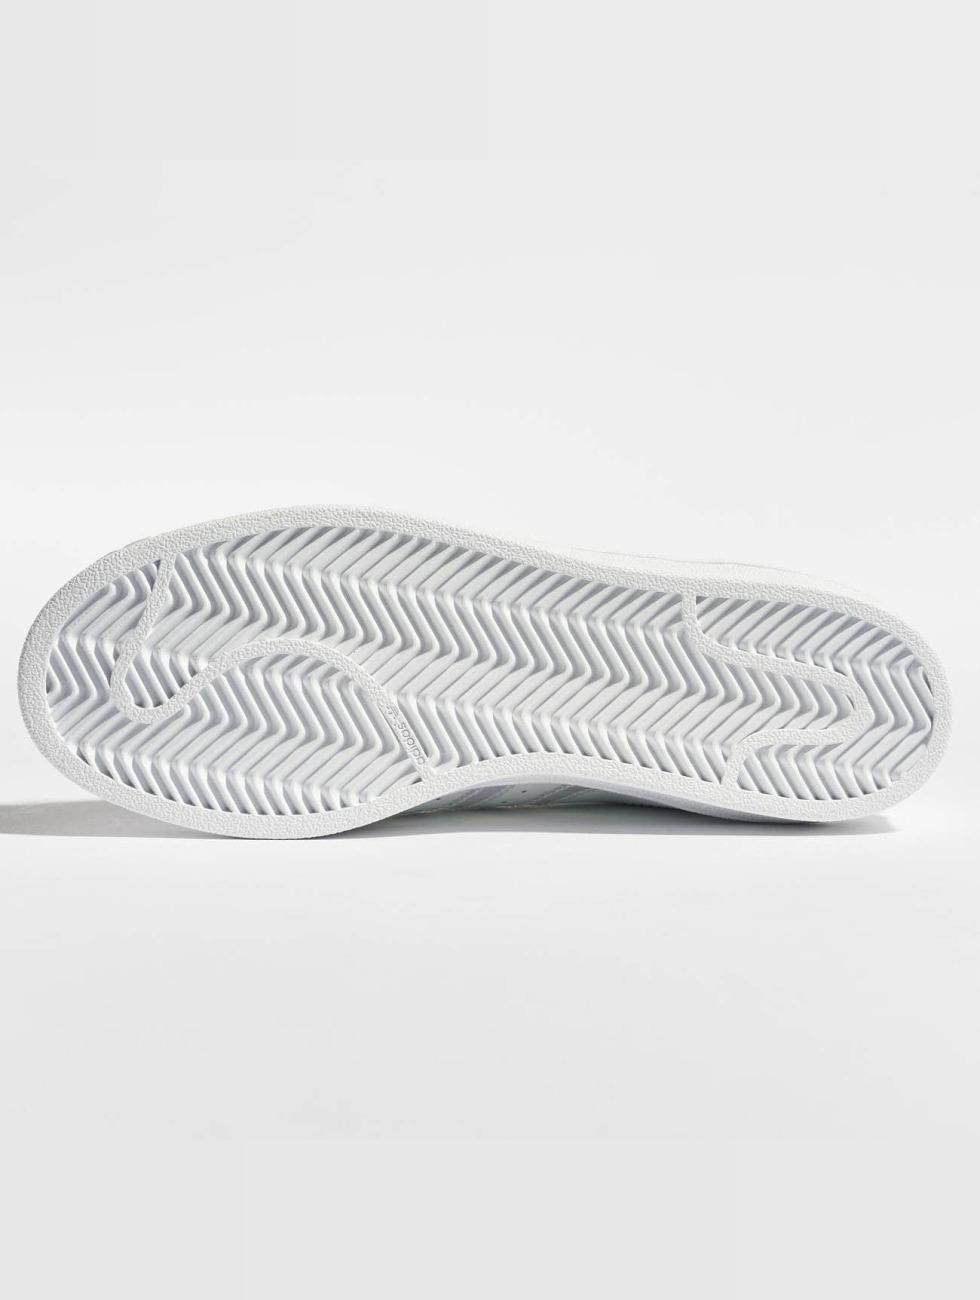 adidas originals schoen / sneaker Superstar in wit 221038 Korting Nieuwste Collecties Klaring Bestseller Verkoop 100% Authentiek Outlet 100% Gegarandeerd Slaan Goedkope Online naMEaI